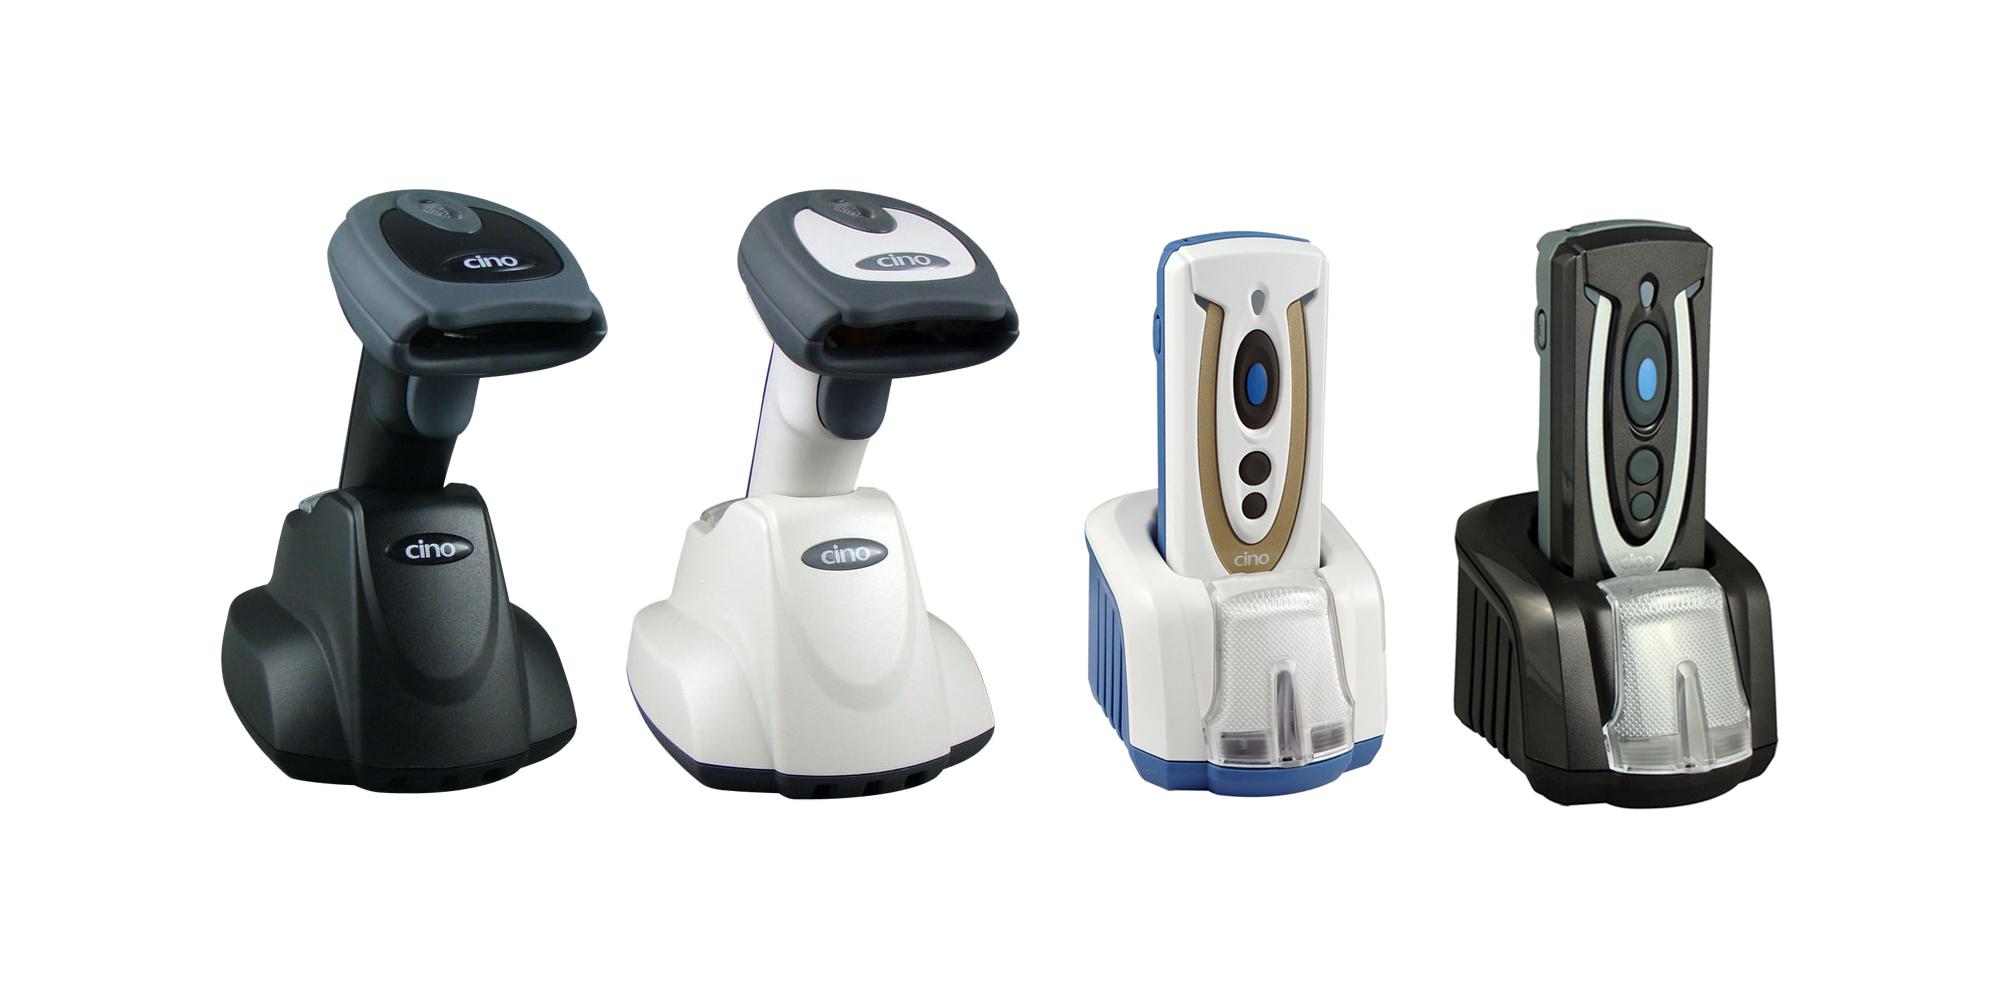 Сканеры штрихкодов: применение и разновидности популярного оборудования